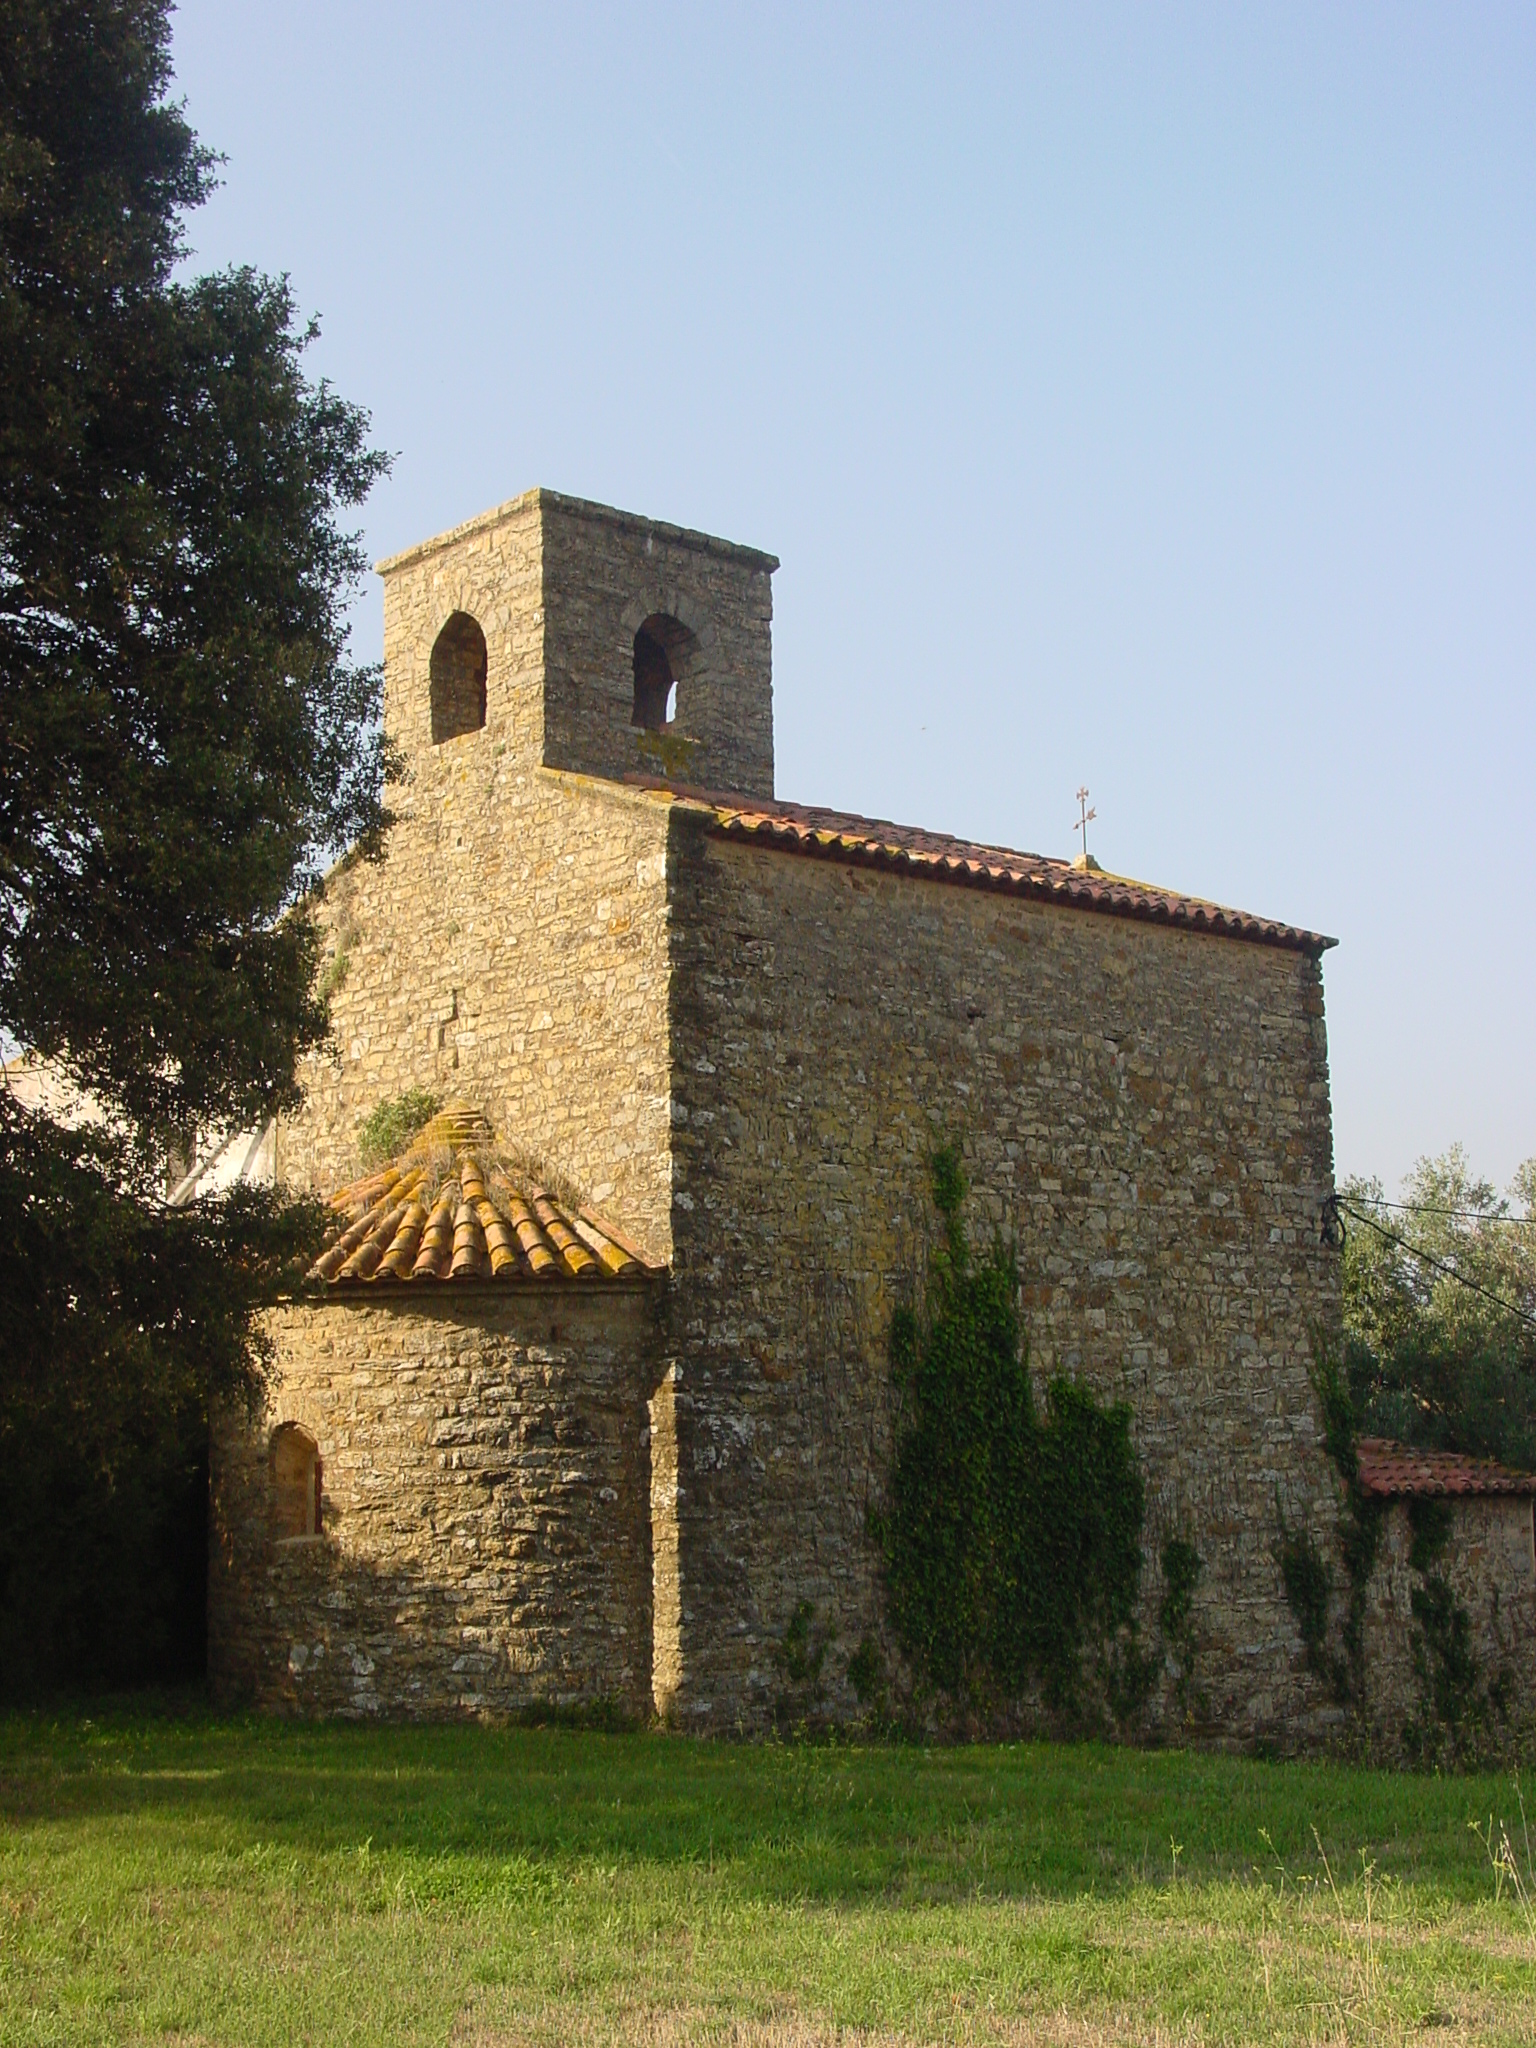 És una petita església de les Gavarres d'època romànica. Els seus orígens fou una simple capella dedicada a Santa Maria dins de la Parròquia de Sant Mateu de Montnegre. A la imatge es veu l'exterior de l'església per darrera. Denota el seu absis semicircular i la nau d'un sol cos cobert amb volta de canó. Al mig del transcepte hi ha el campanar.